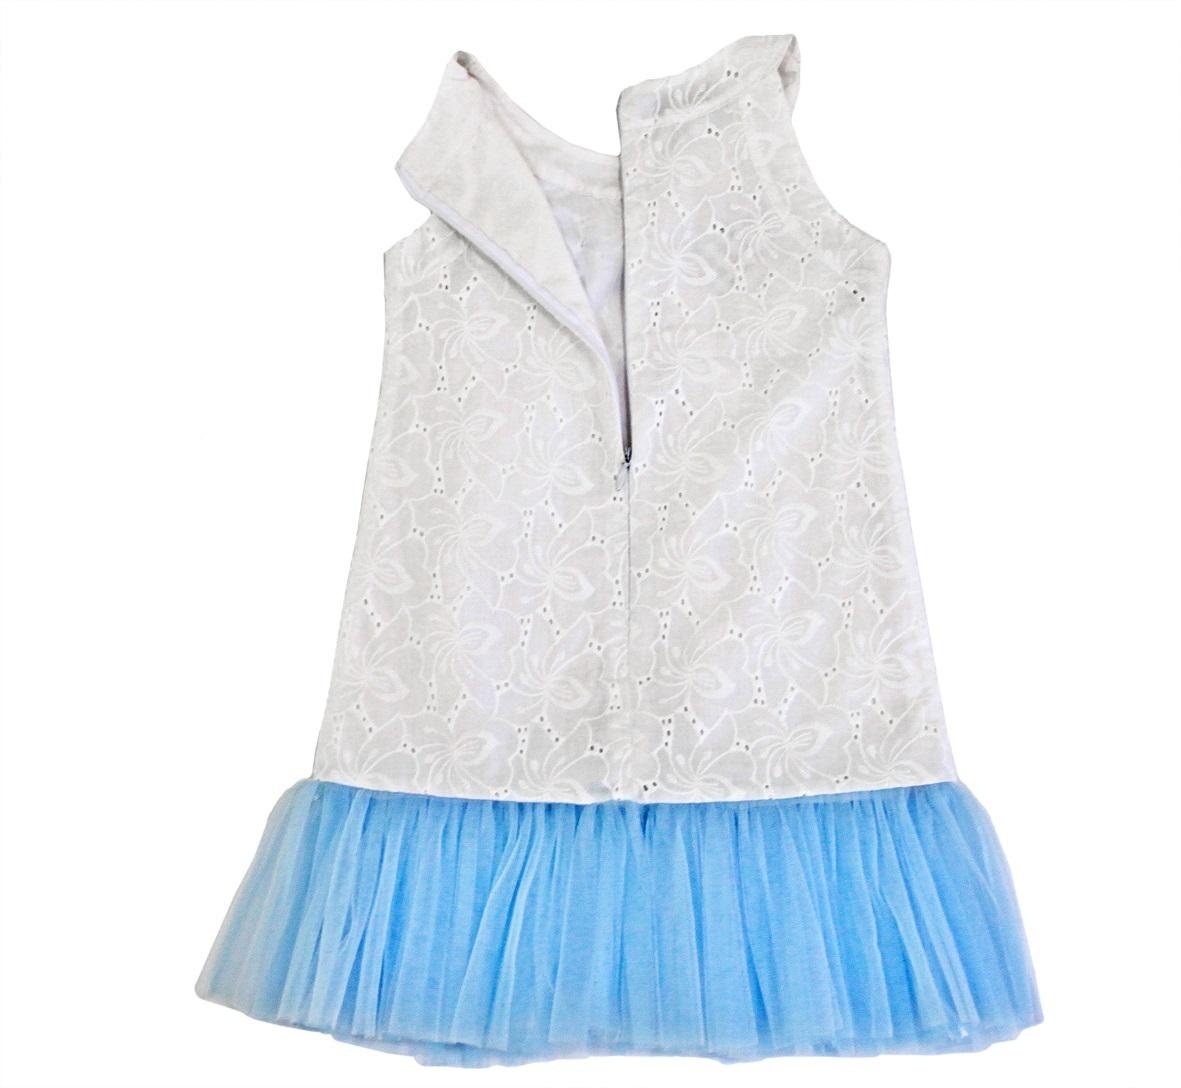 Платье детские Miracle ME модель Арт-020463-1 приобрести, 2017